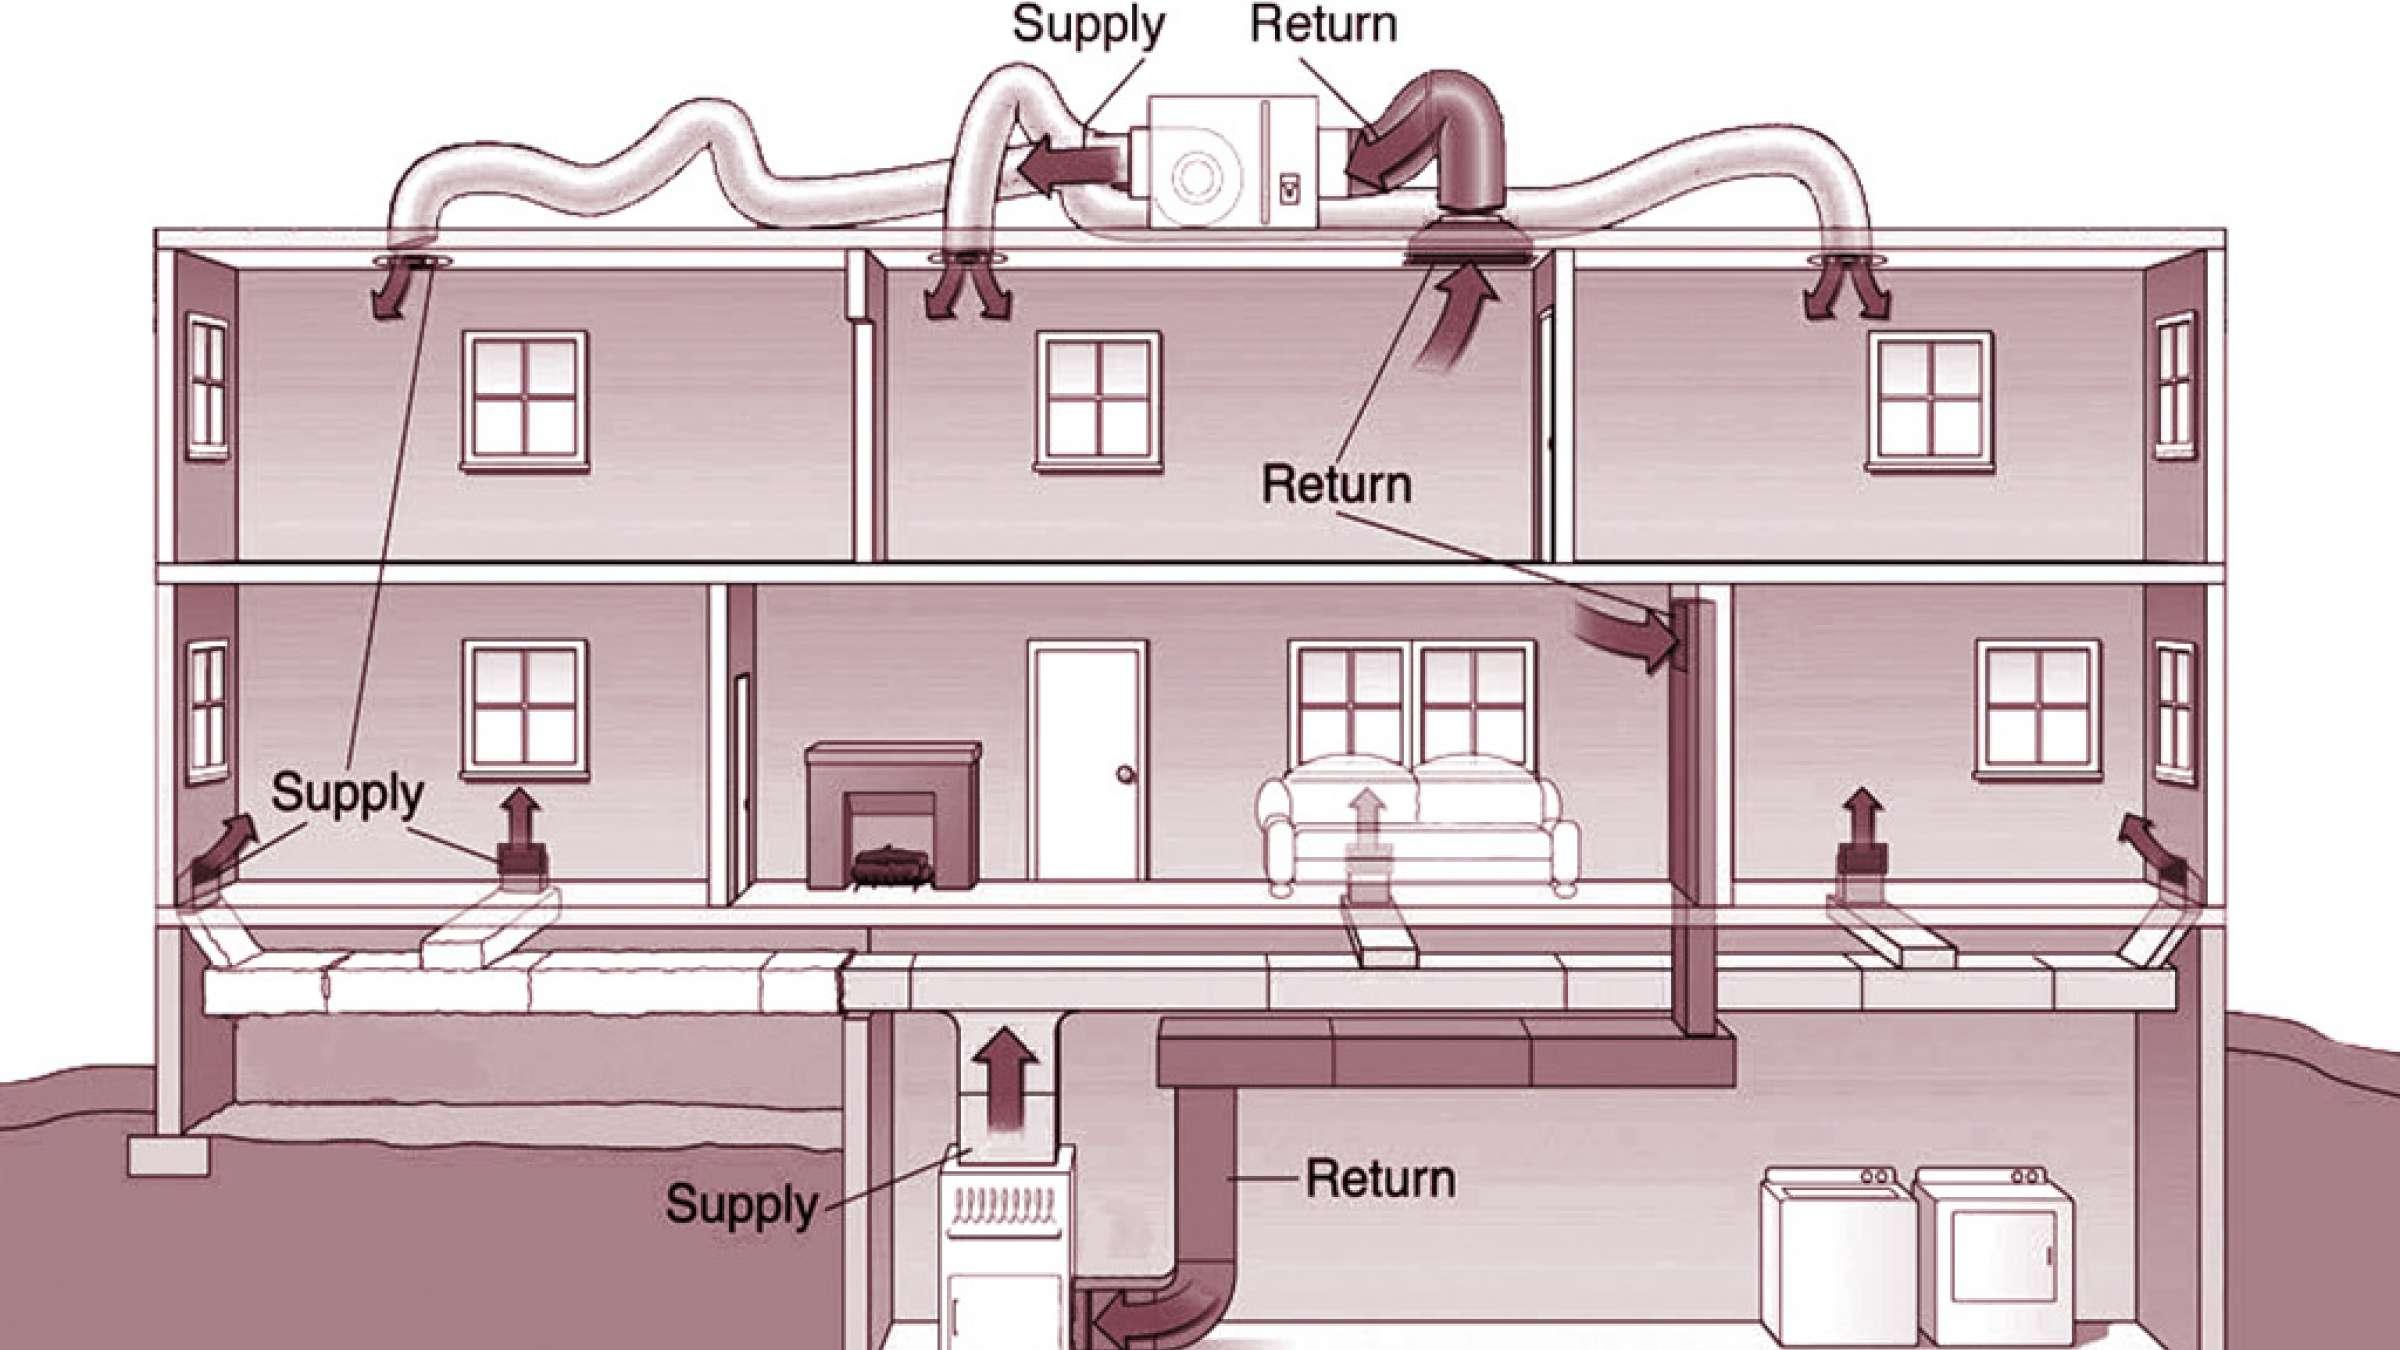 خانه-رامندی-در-مورد-کانال-و-کانالکشی-ساختمان-چه-میدانید-نقشه